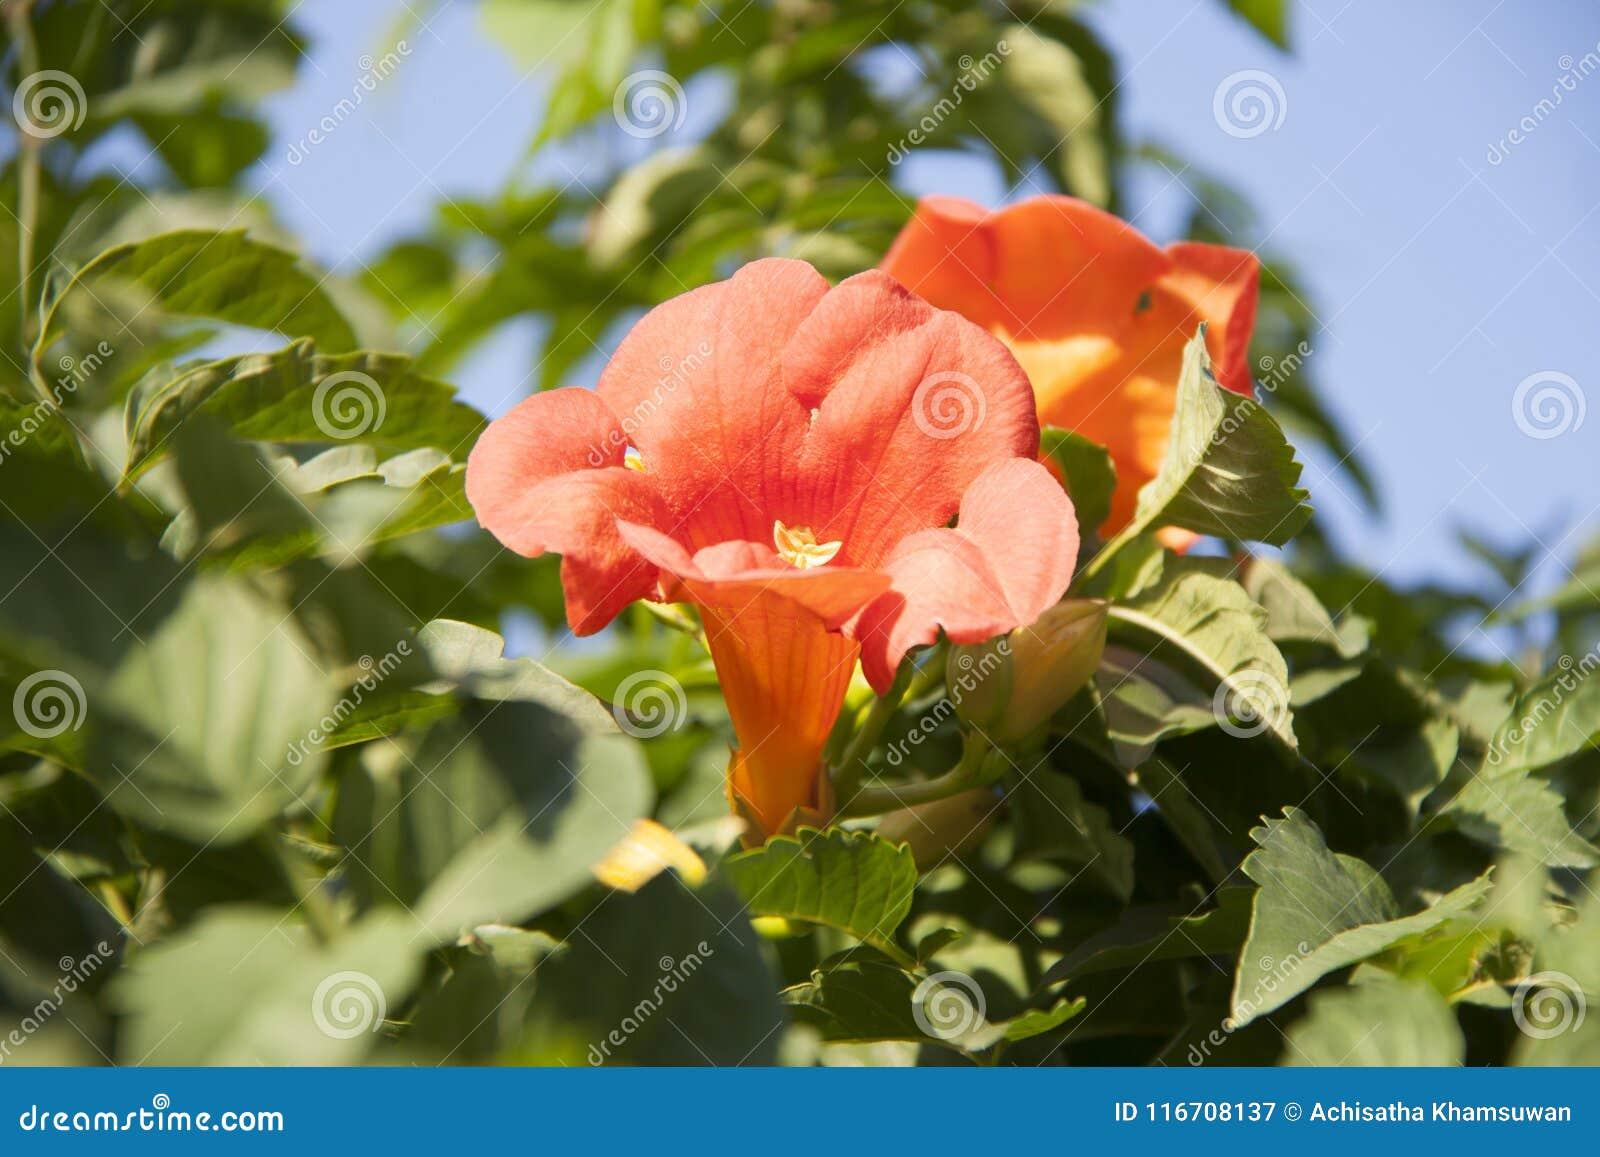 Tubowy pełzacz jest gatunki kwiatonośna roślina rodzinny Bignoniaceae